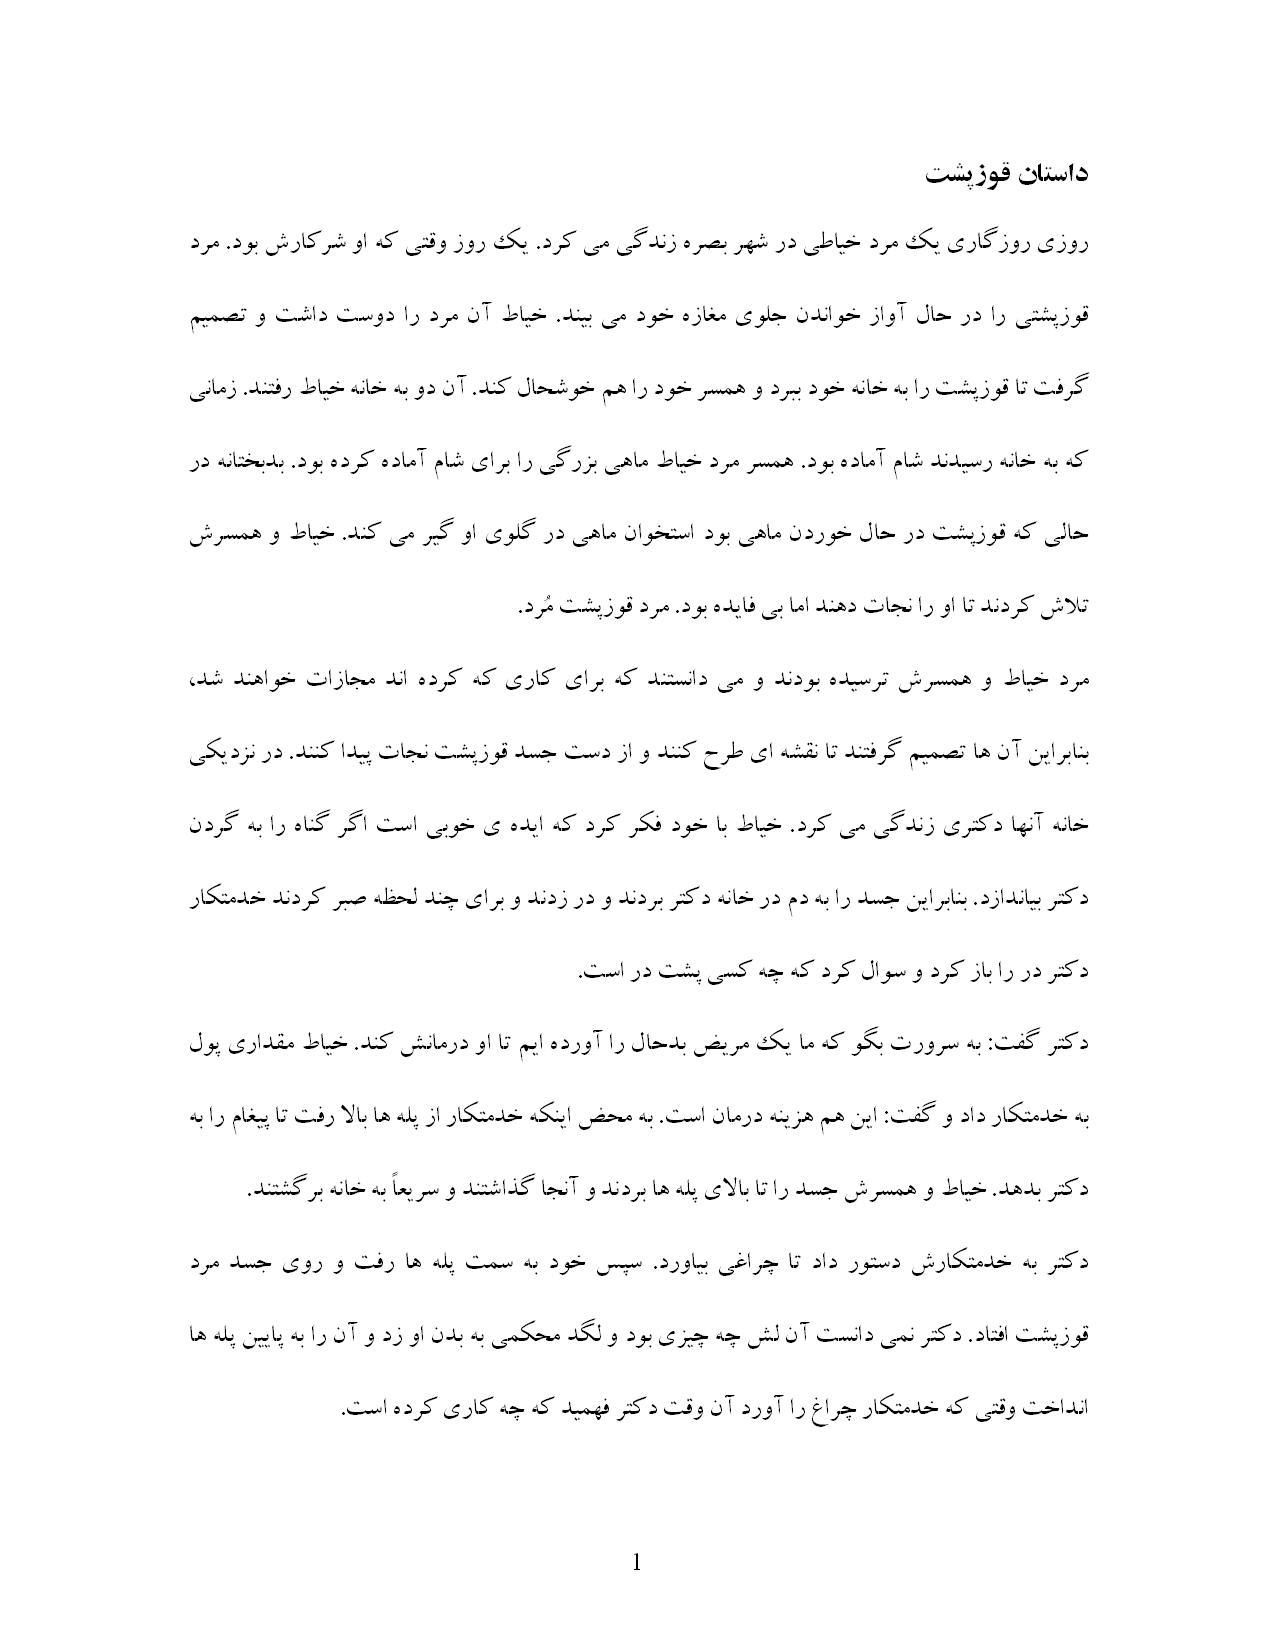 ترجمه مقاله و تحقیق - داستان قوزپشت 5